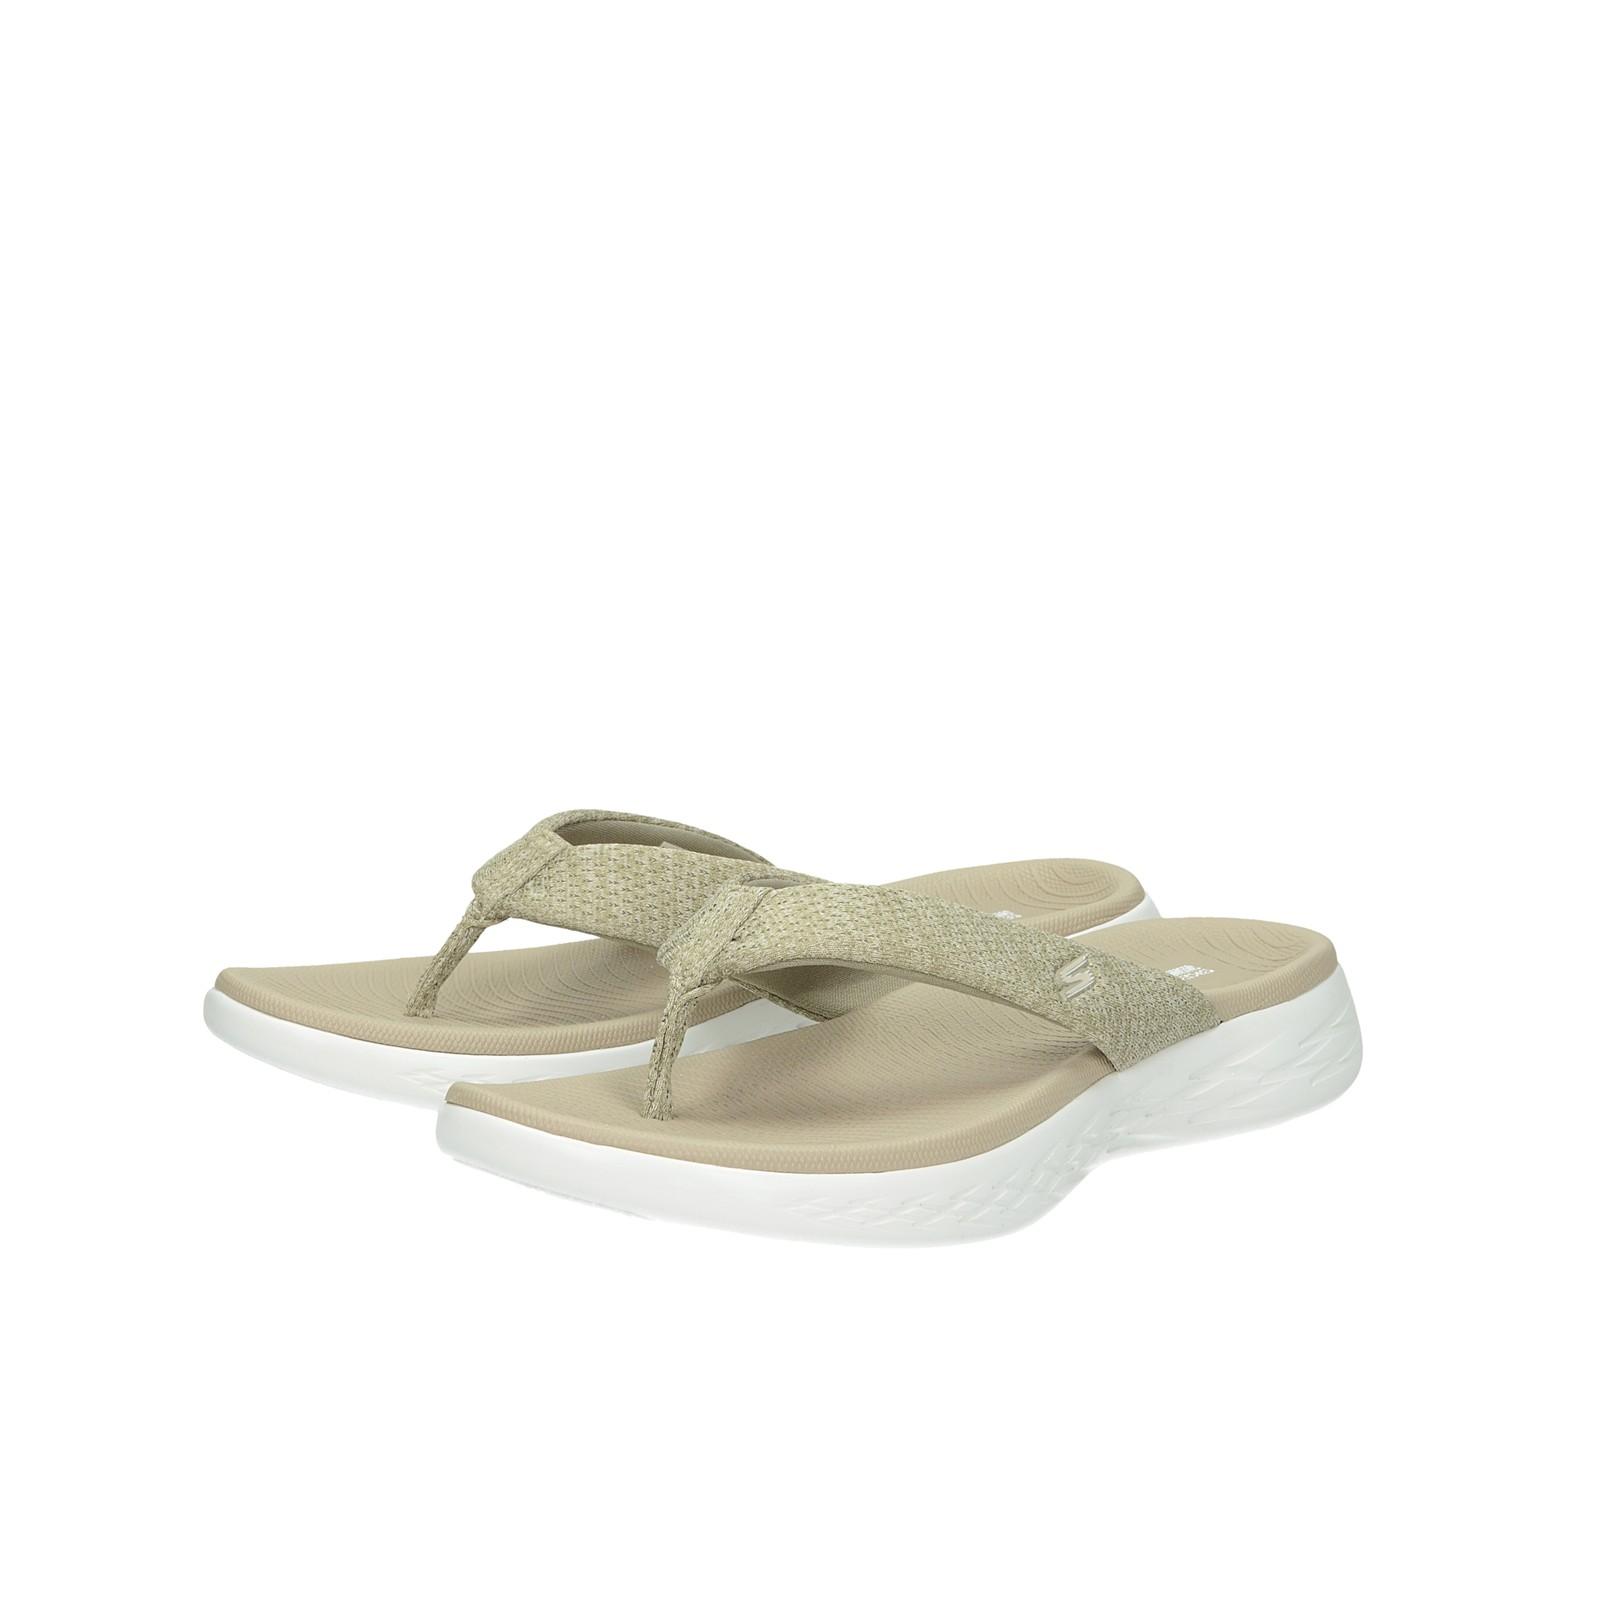 Skechers dámske pohodlné plážovky - béžové